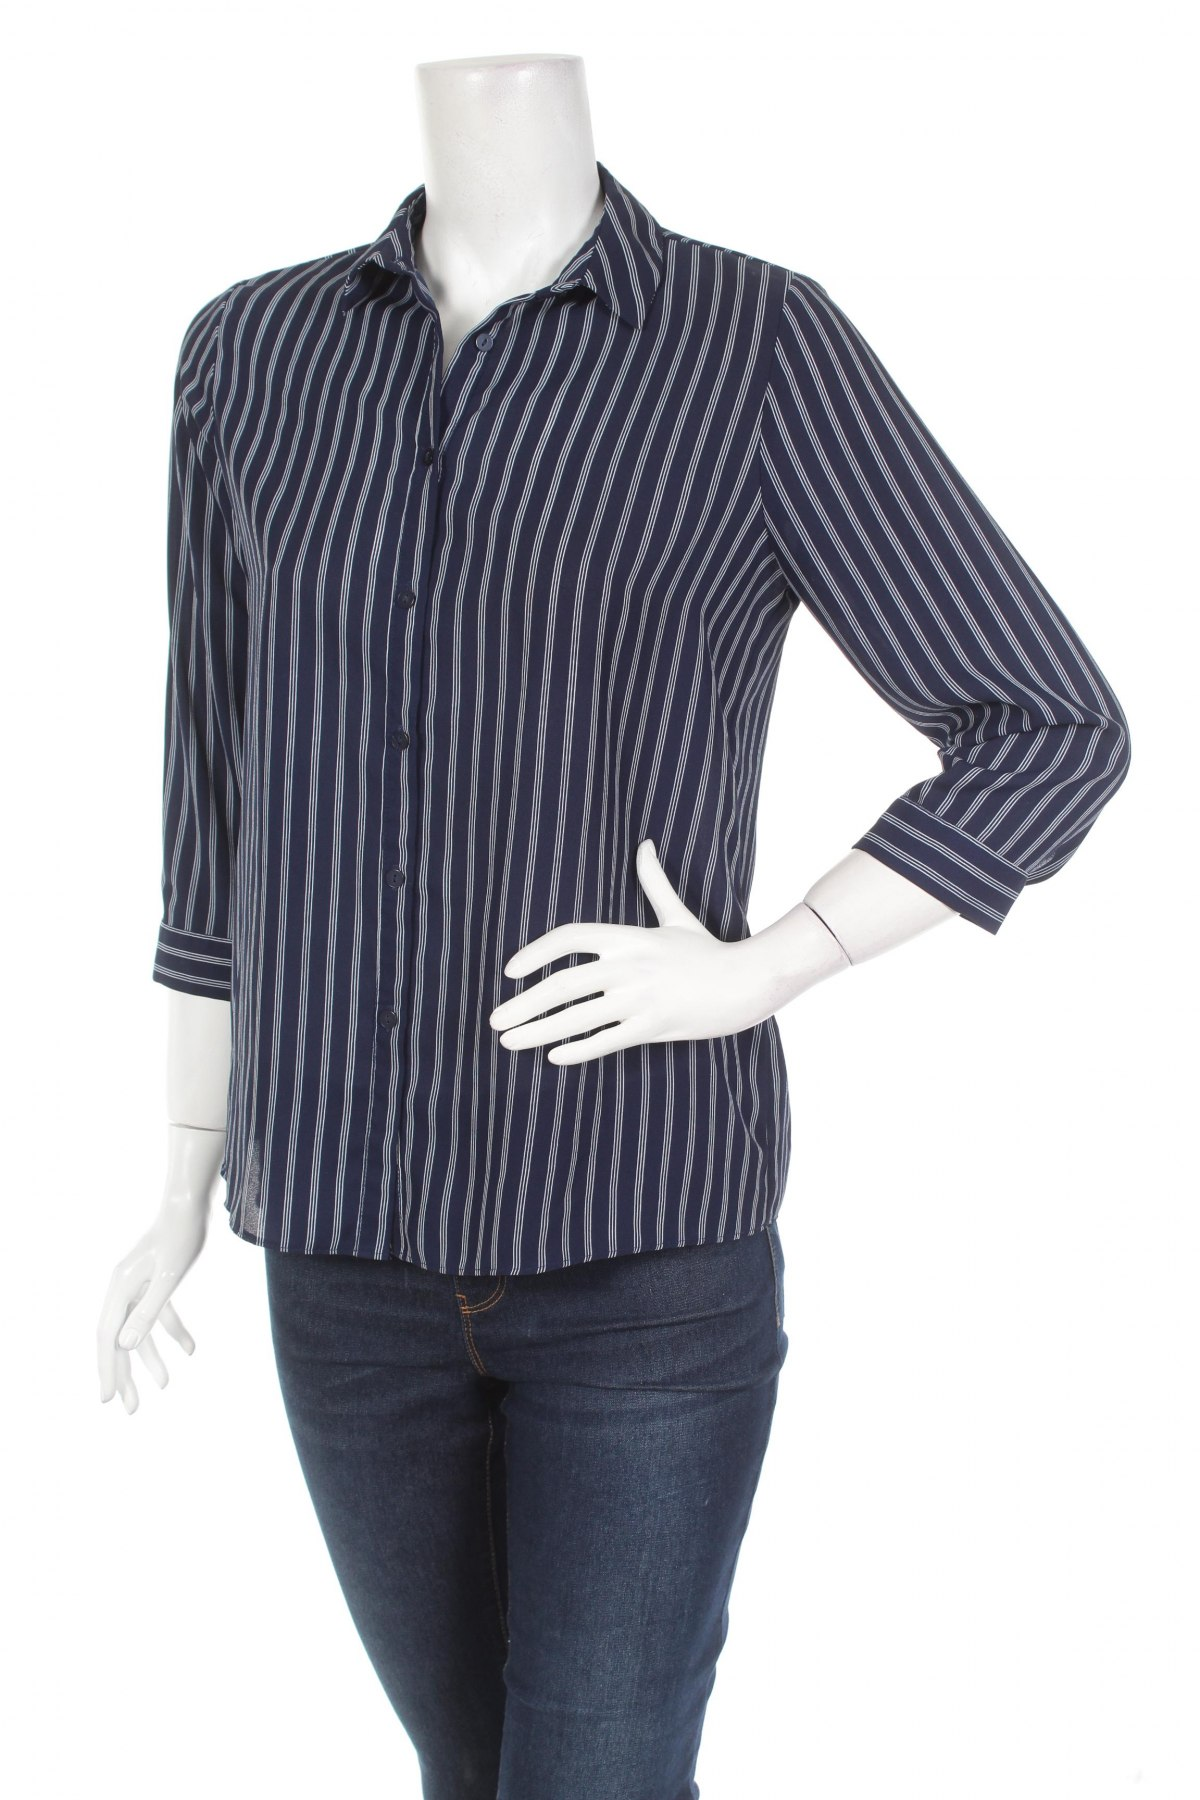 Γυναικείο πουκάμισο Atmosphere, Μέγεθος M, Χρώμα Μπλέ, 100% πολυεστέρας, Τιμή 22,68€